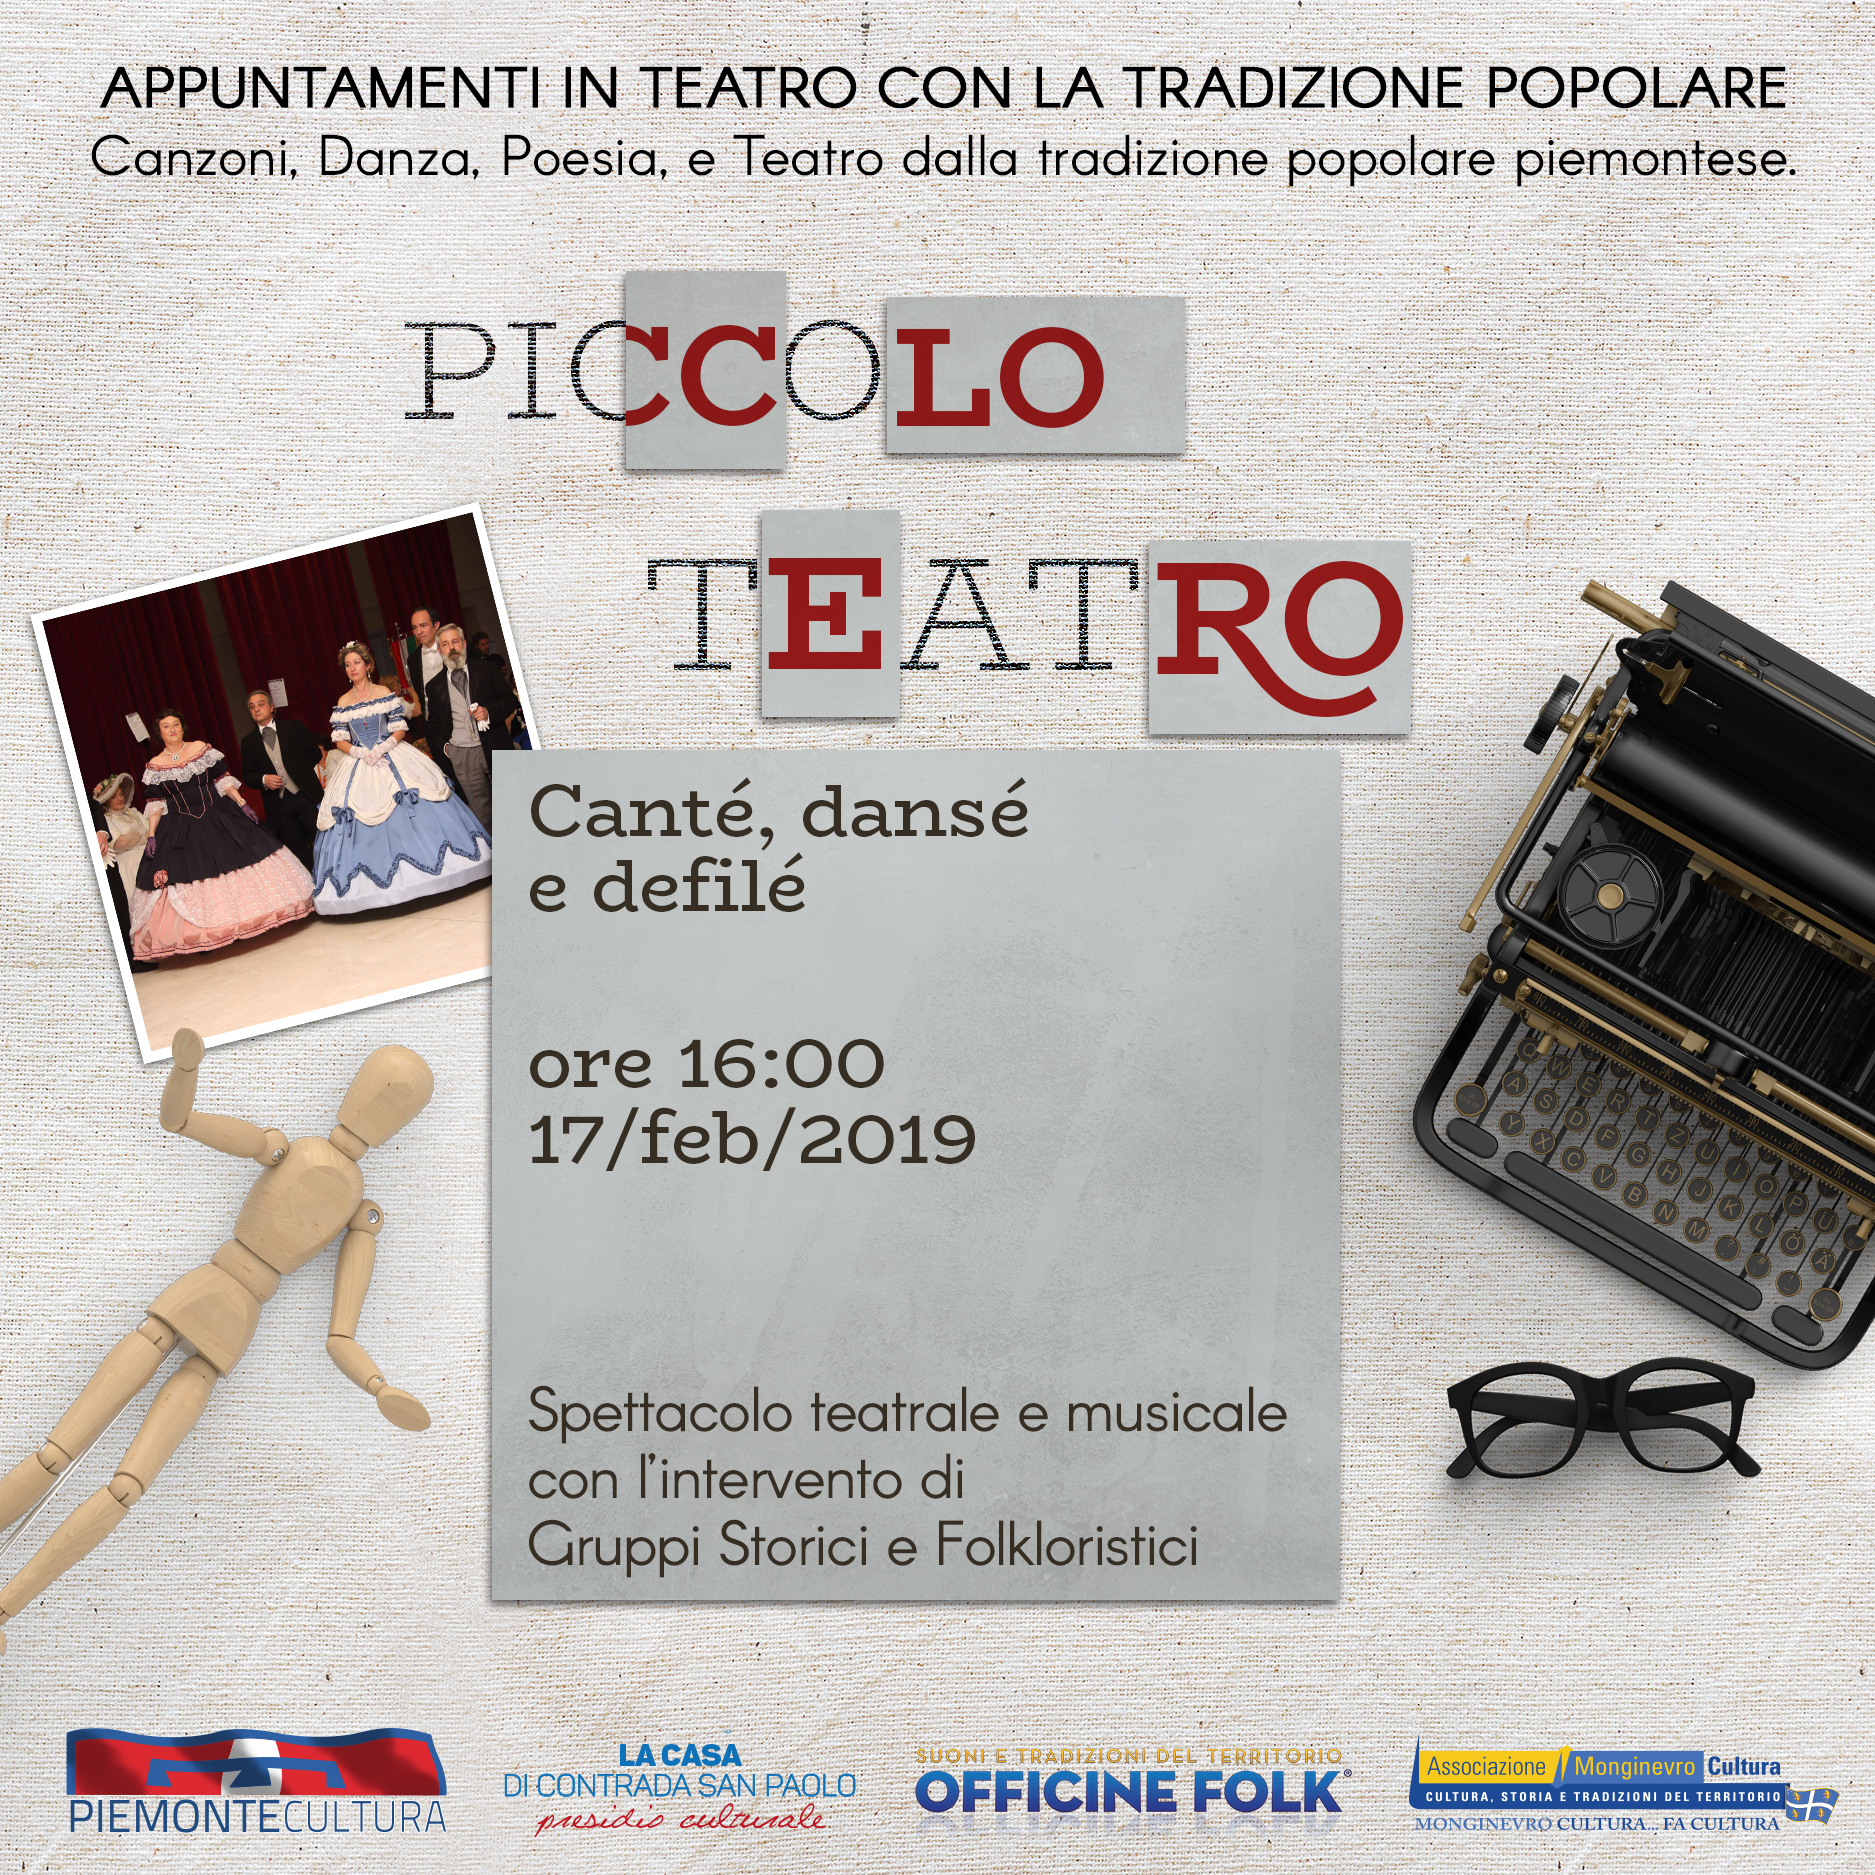 Piccolo teatro delle OFFO - 17 febbraio 2019